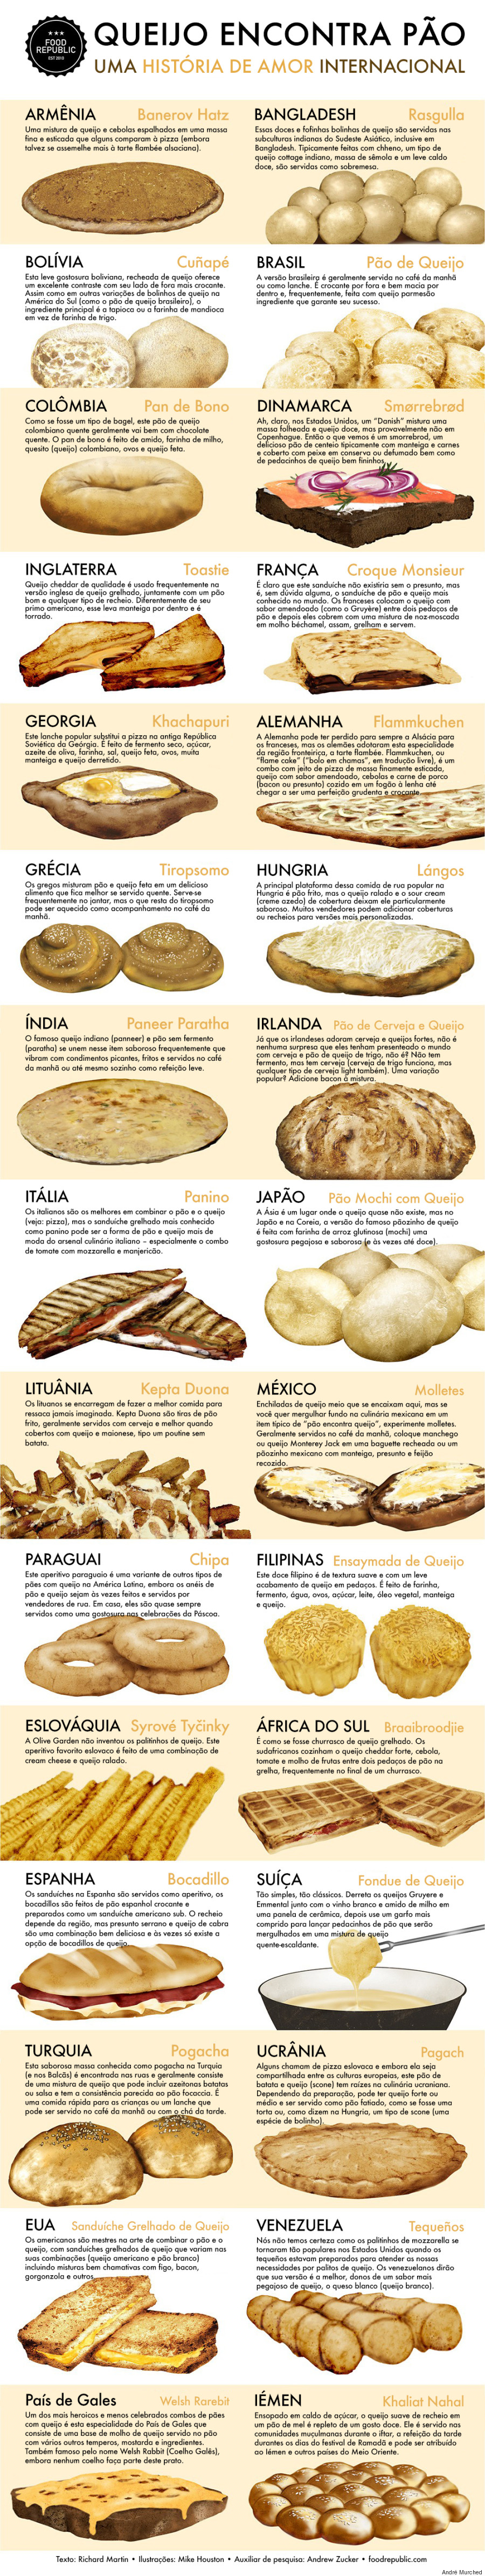 pão e queijo pelo mundo